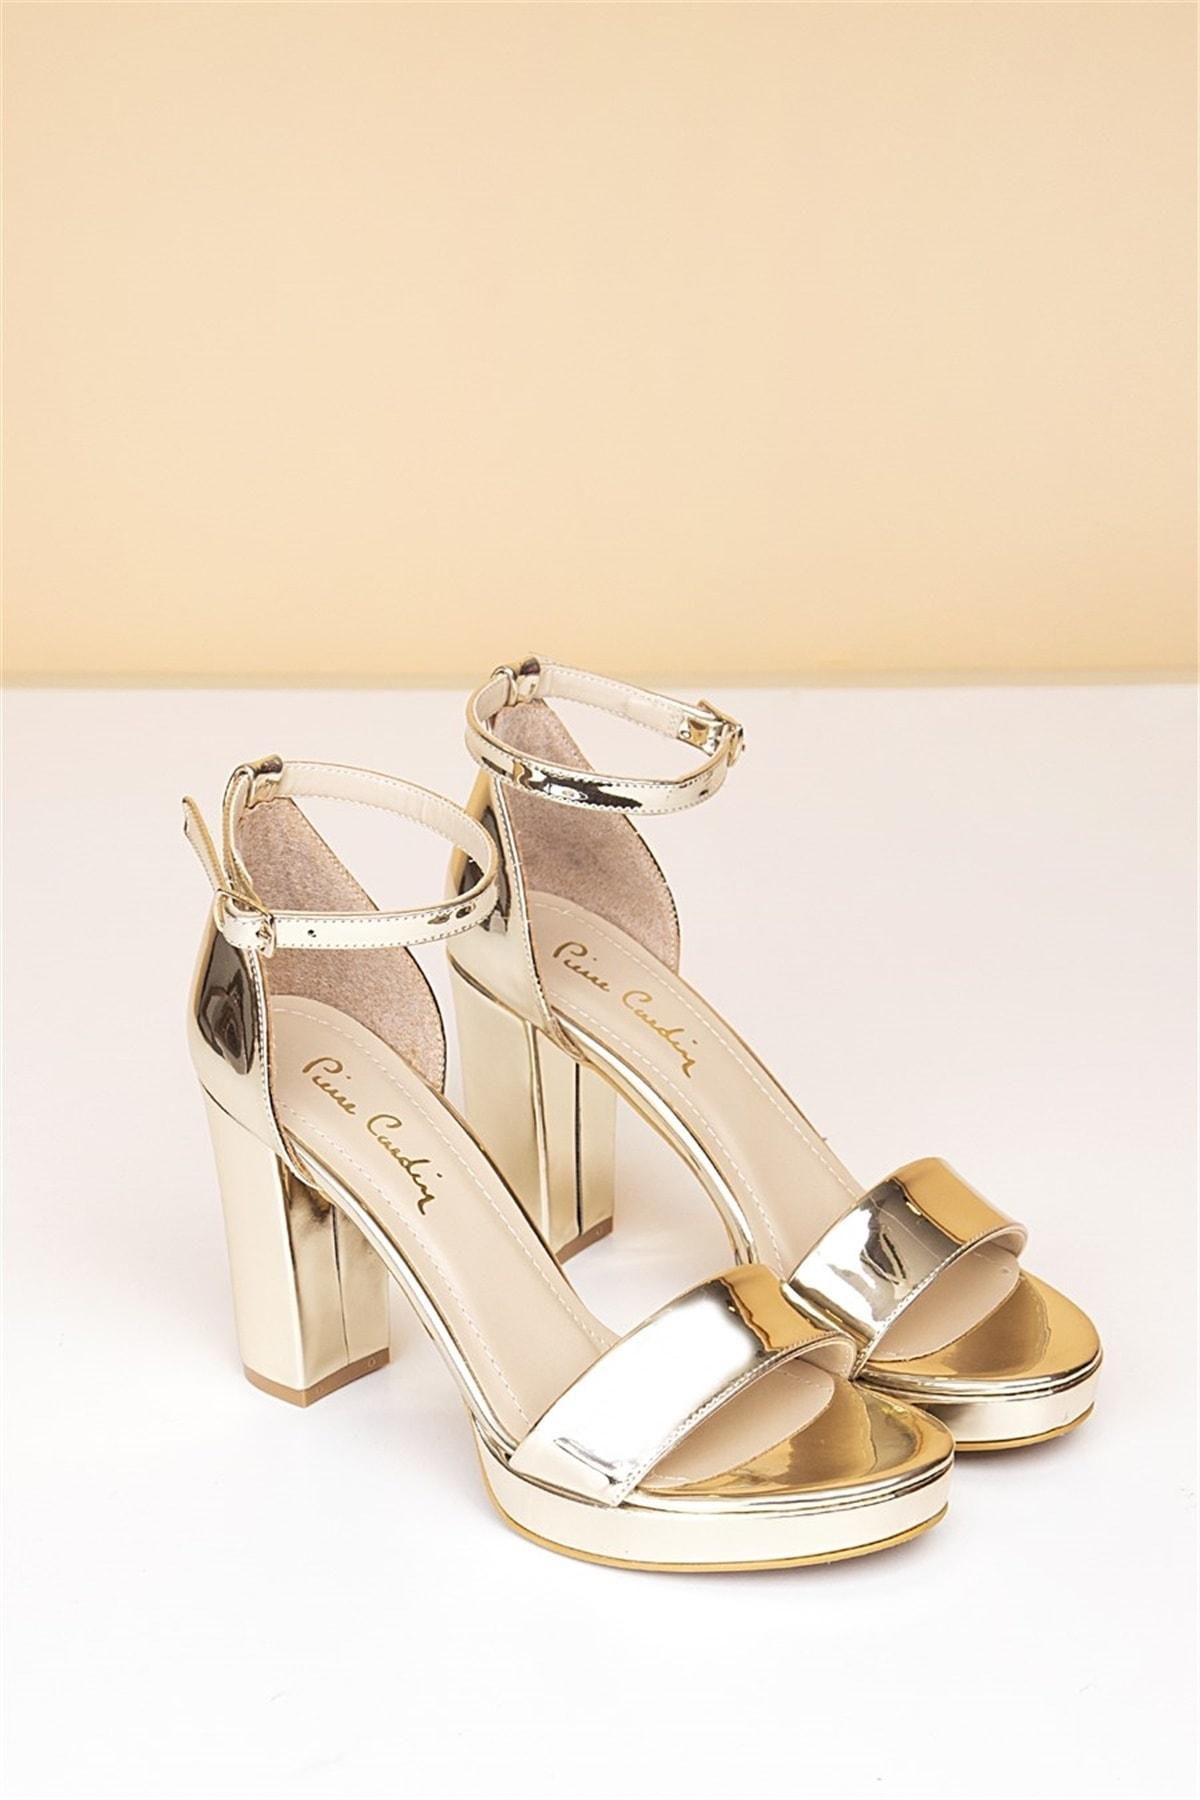 Pierre Cardin Kadın Topuklu Ayakkabı-Rugan Altın